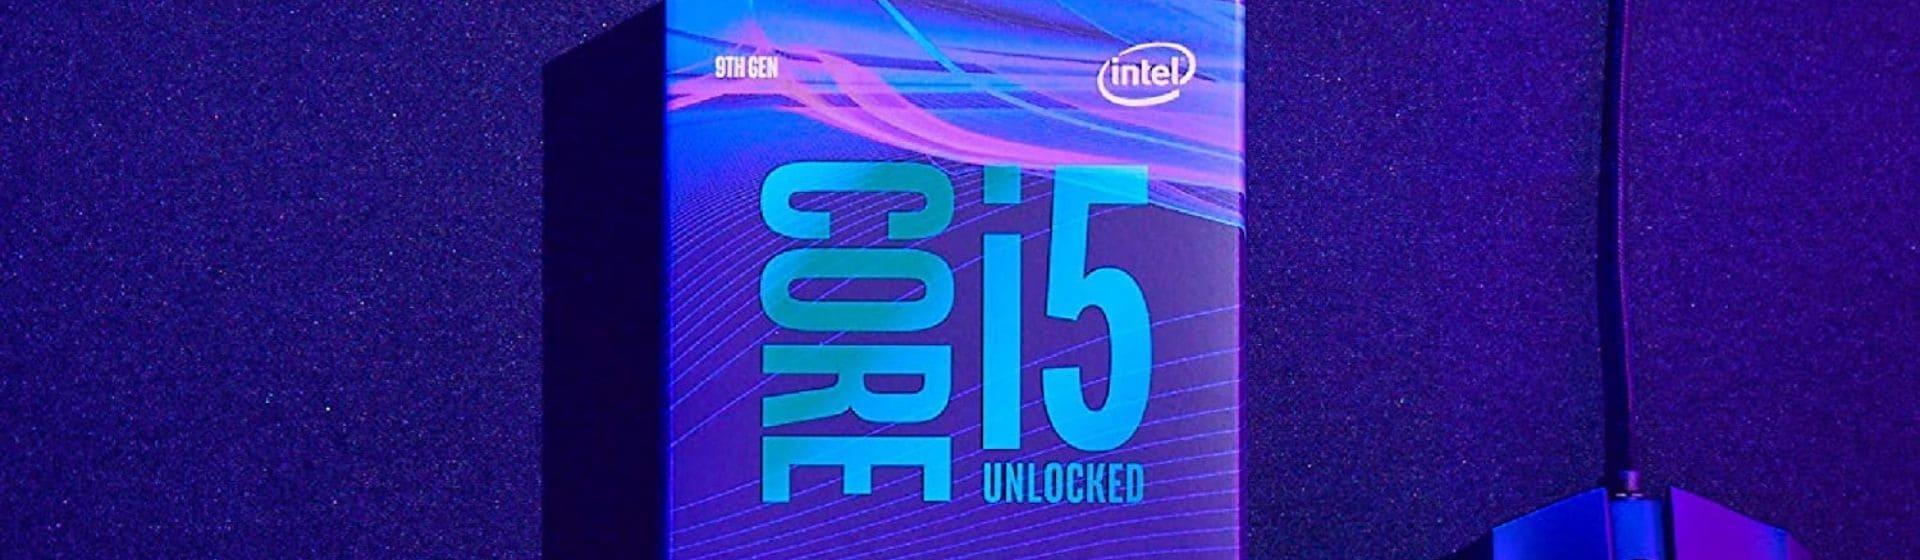 Intel Core i5 9600K é bom? Análise da CPU desbloqueada para overclock